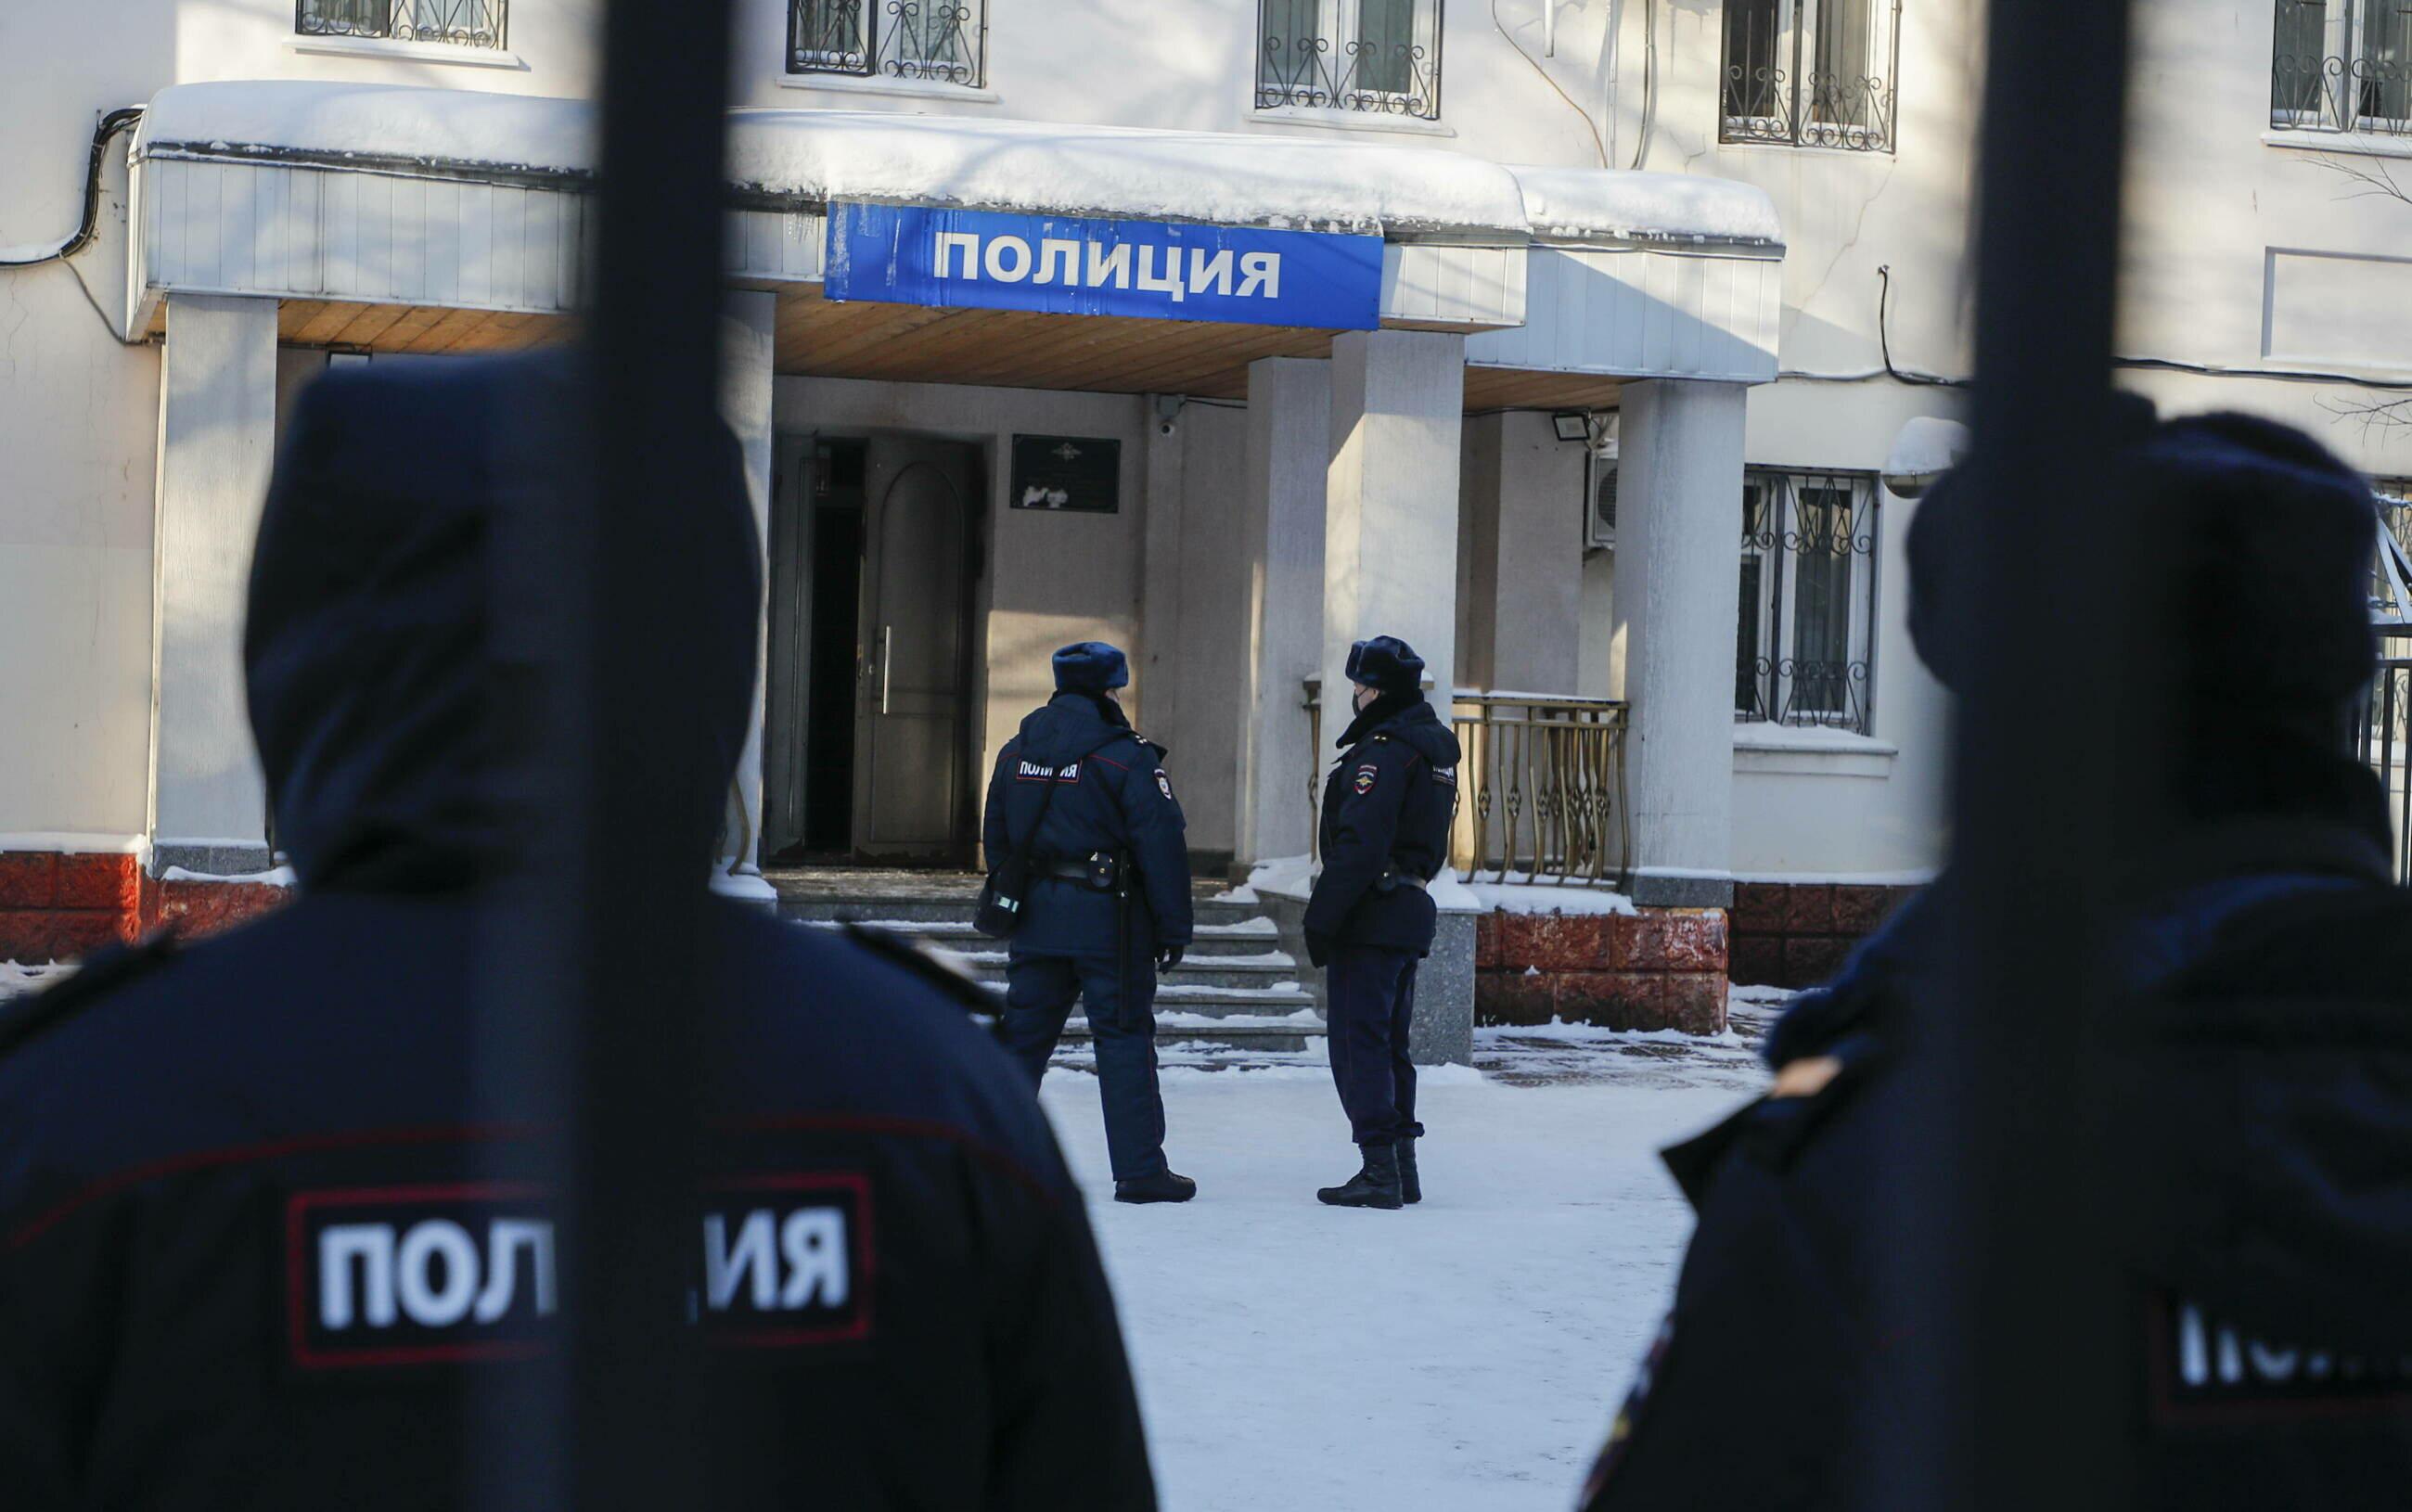 Funkcjonariusze policji patrolujący okolice komisariatu, gdzie przetrzymywany jest Aleksiej Nawalny.